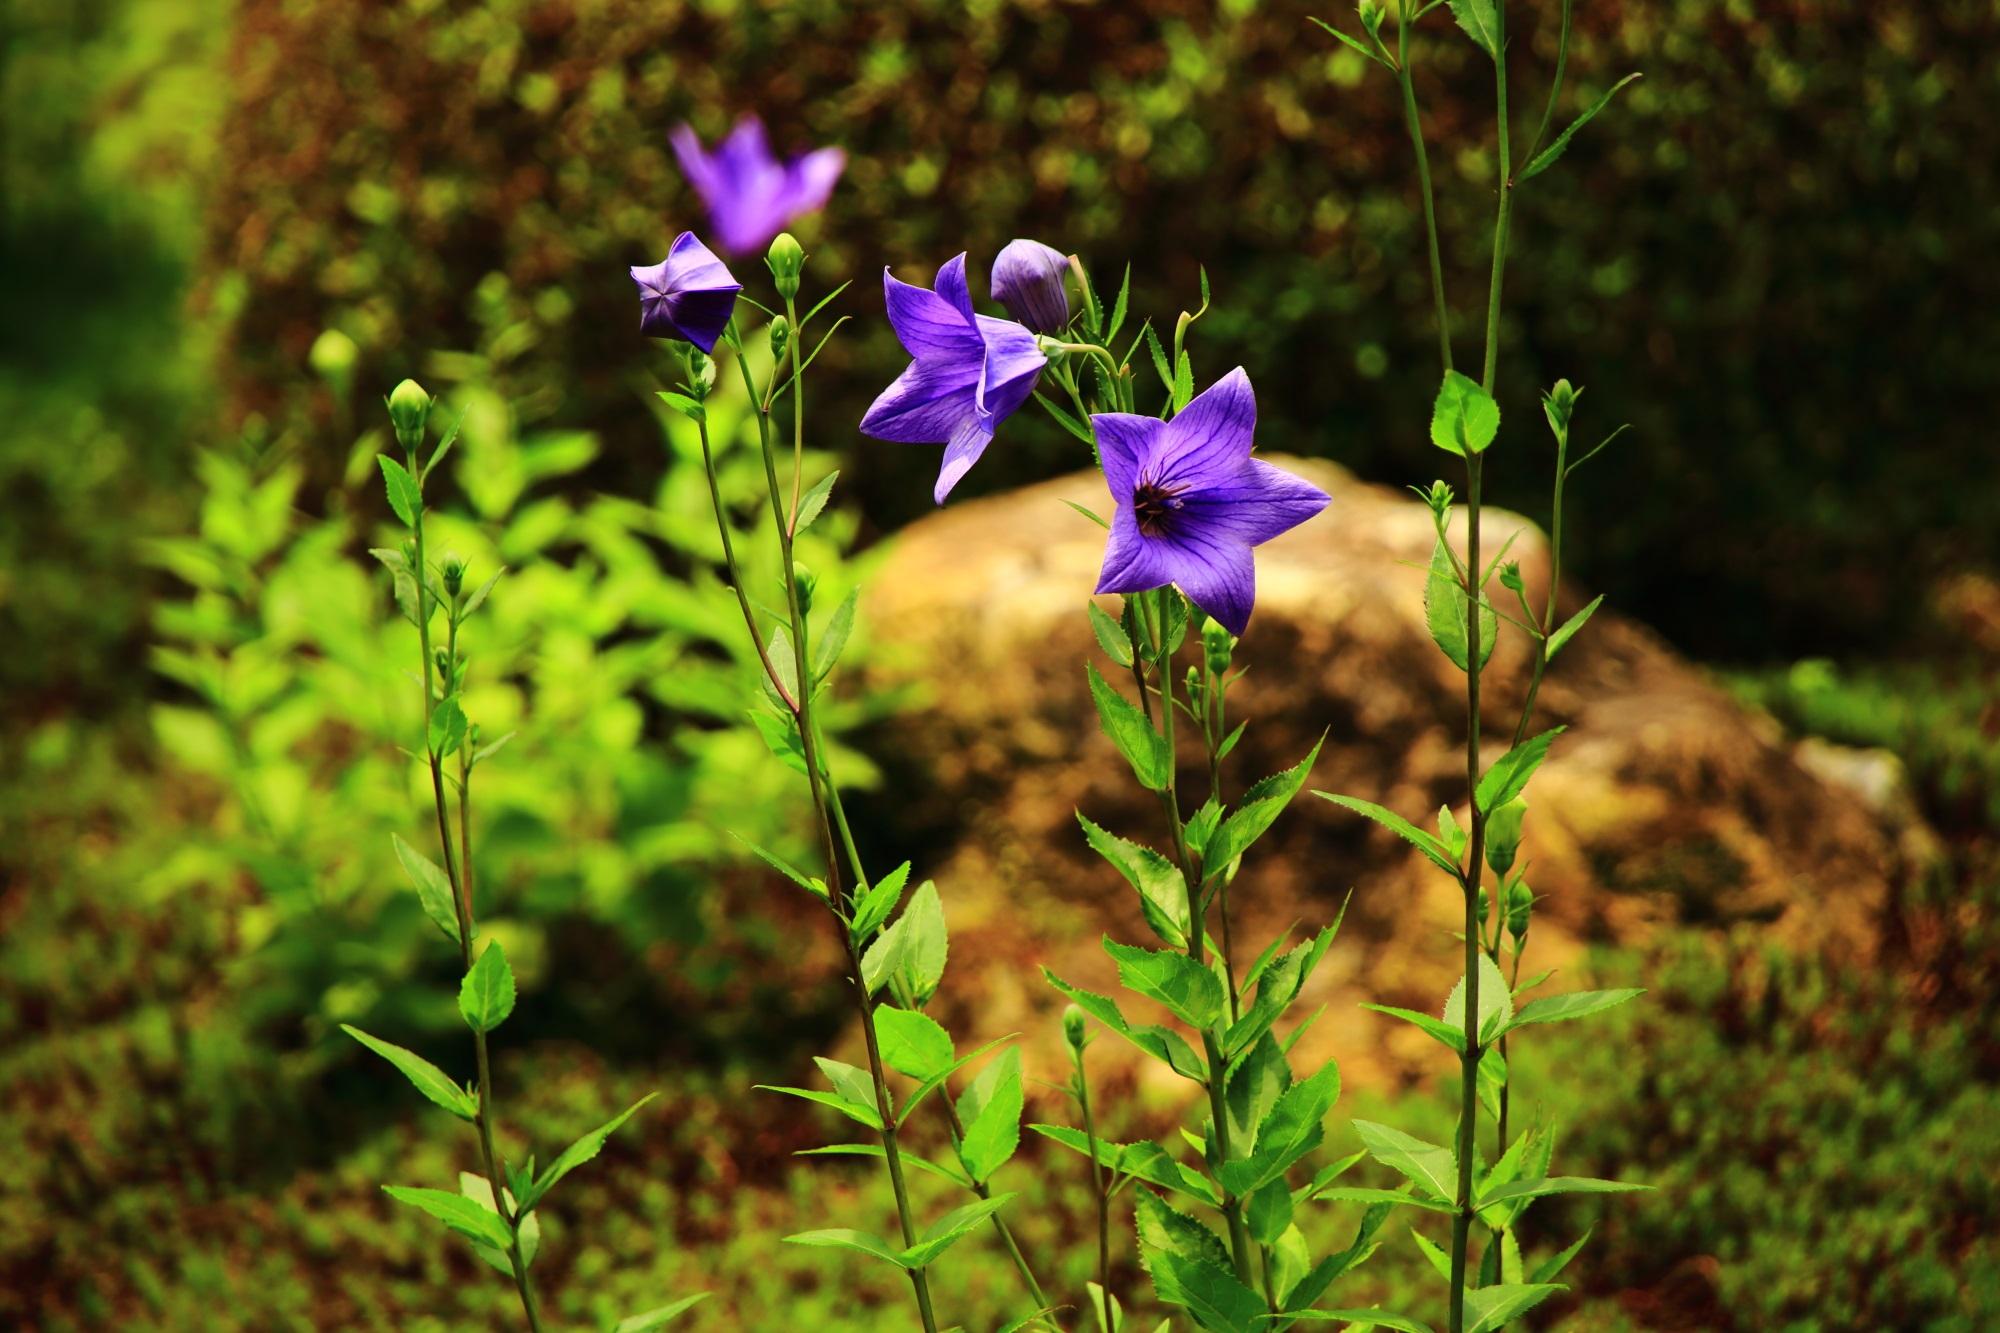 天得院の妖艶な紫色をしたキキョウの花